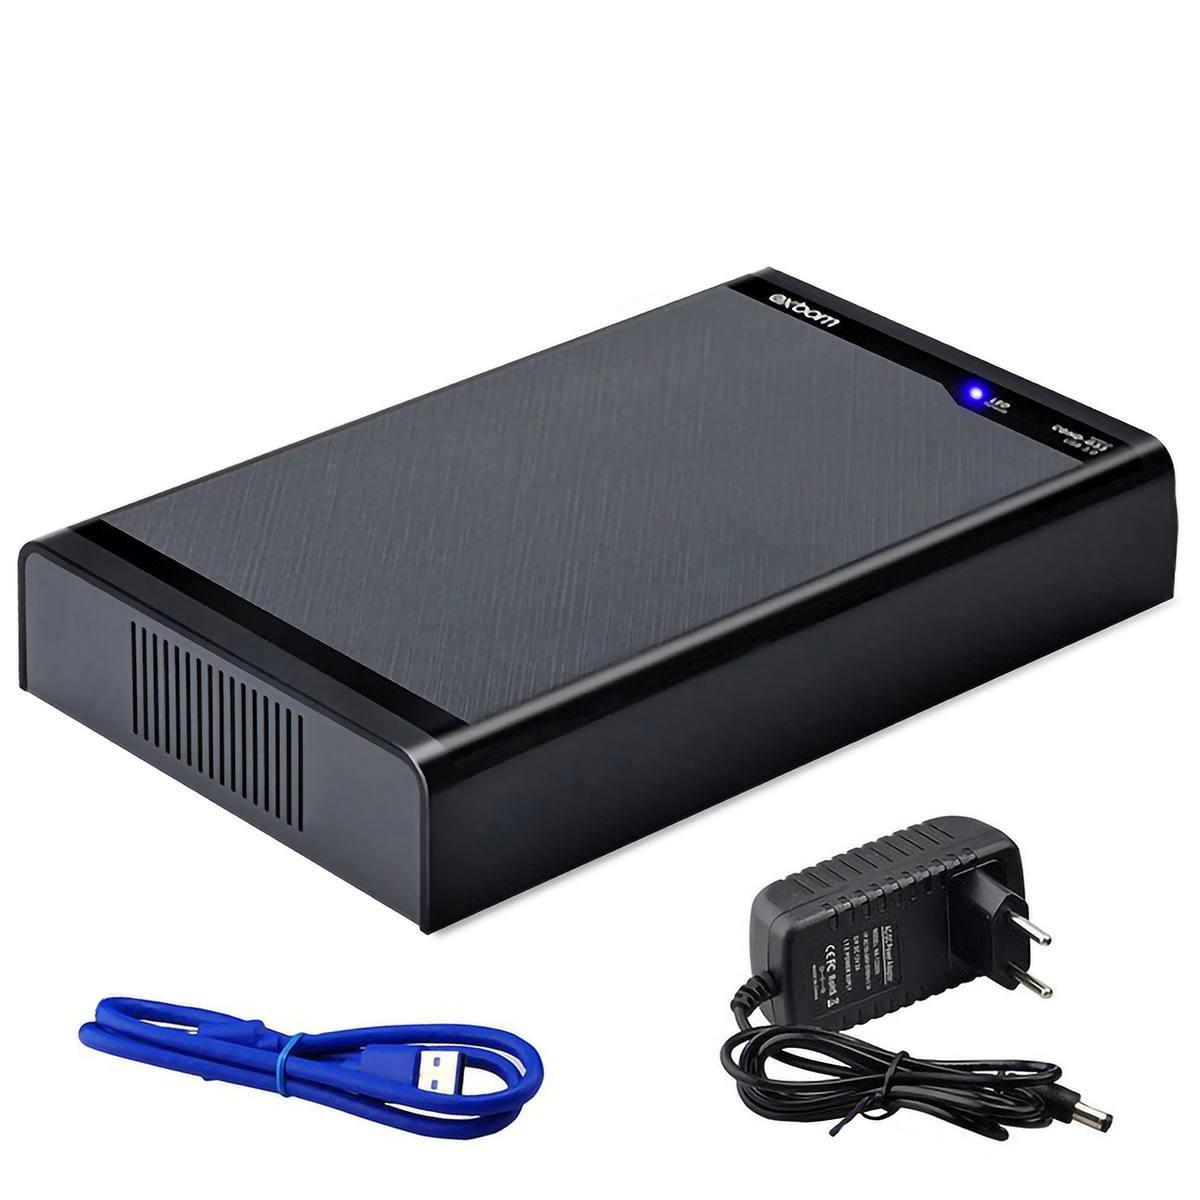 Case com Fonte de Energia Externa para SSD e HD 3.5 Polegadas SATA USB 3.0 até 10TB Exbom CGHD-G33 Preto